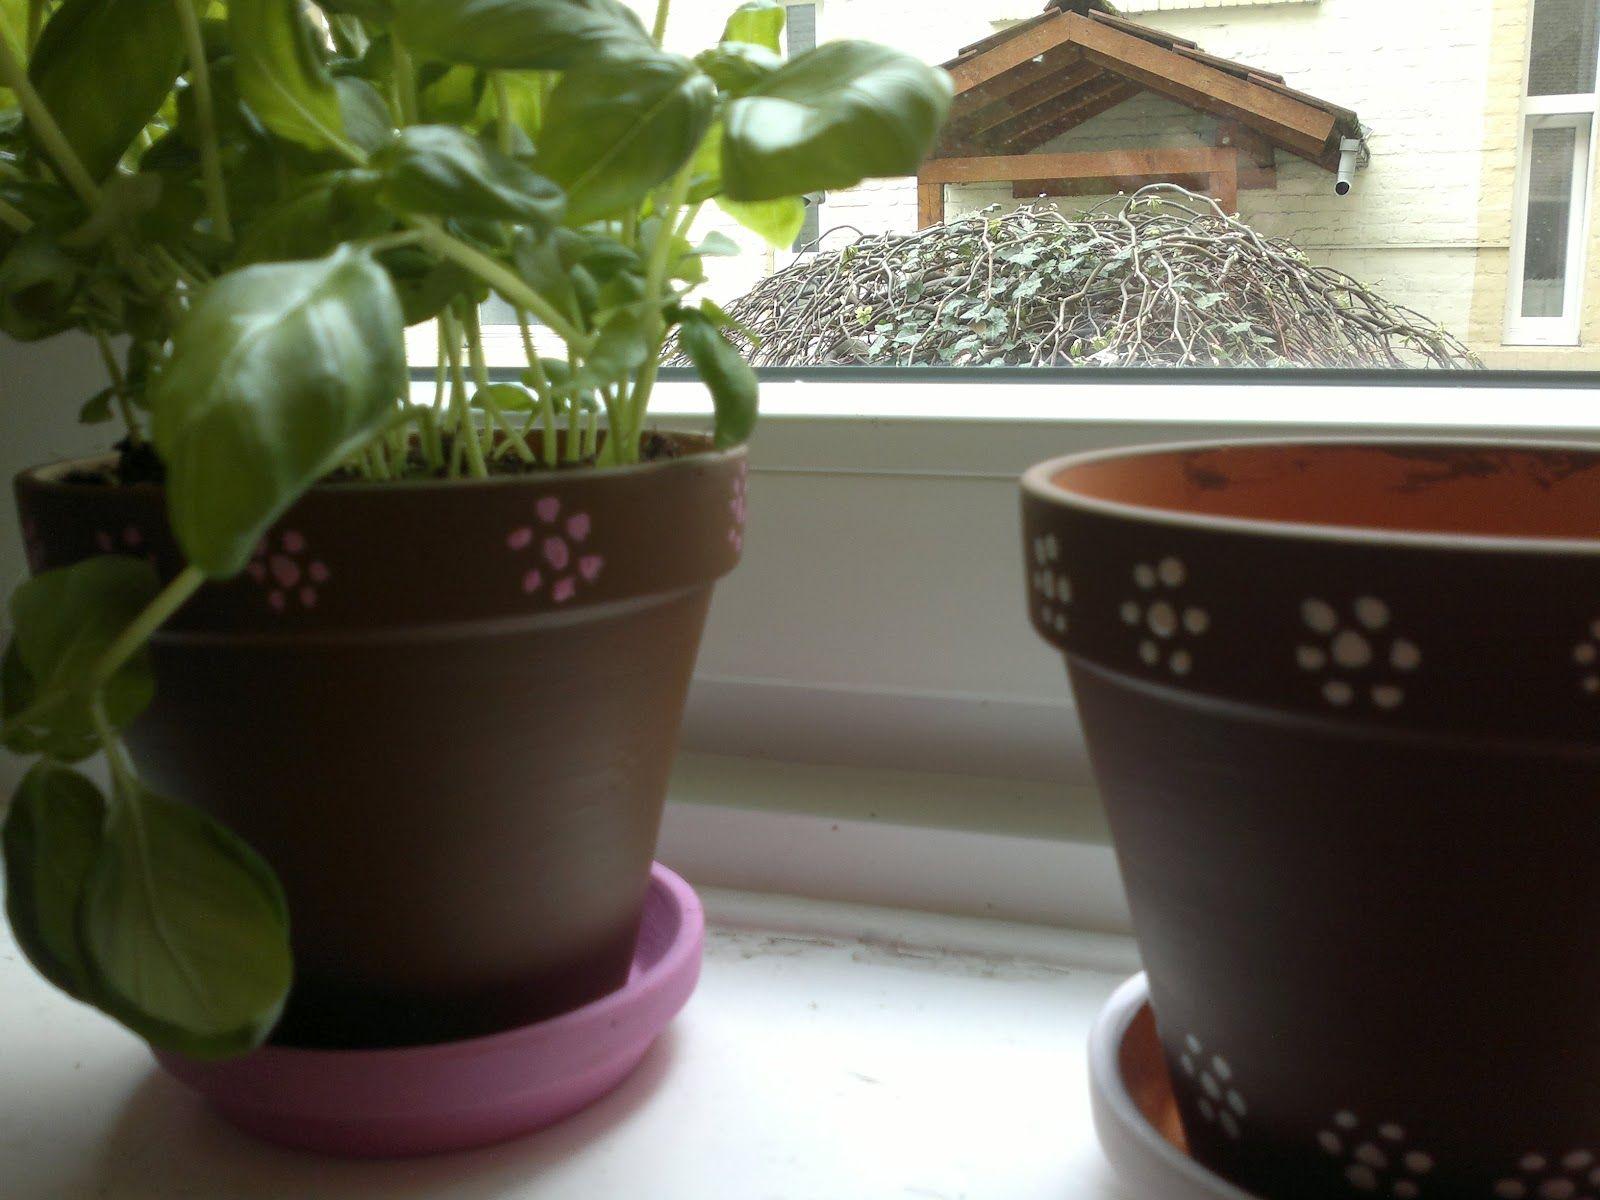 eatloveandlive - Paint flower pots